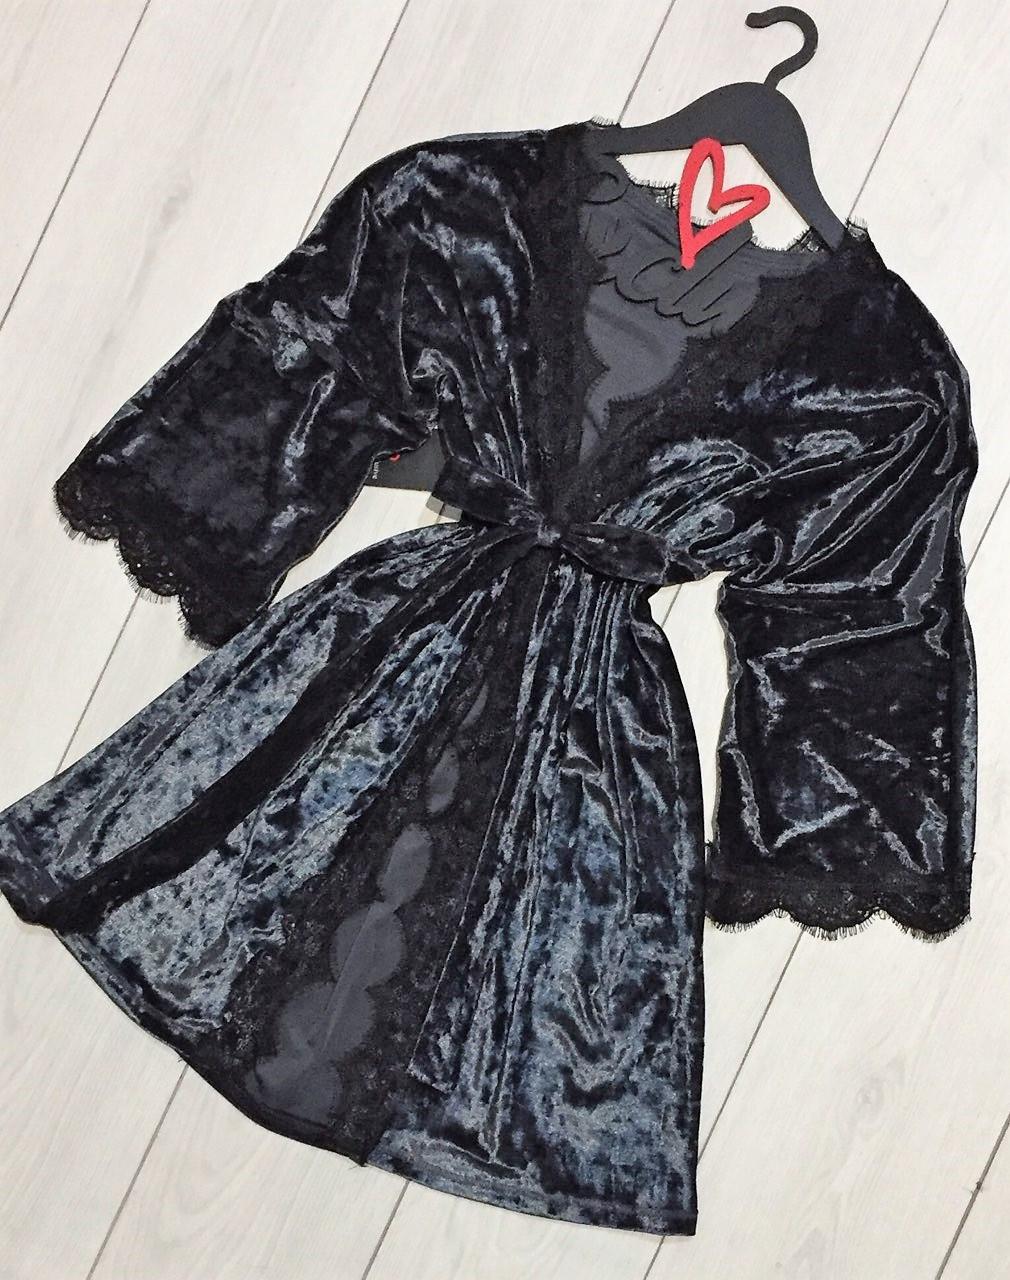 Женская одежда для дома ТМ Exclusive: велюровый халат цвета граффит